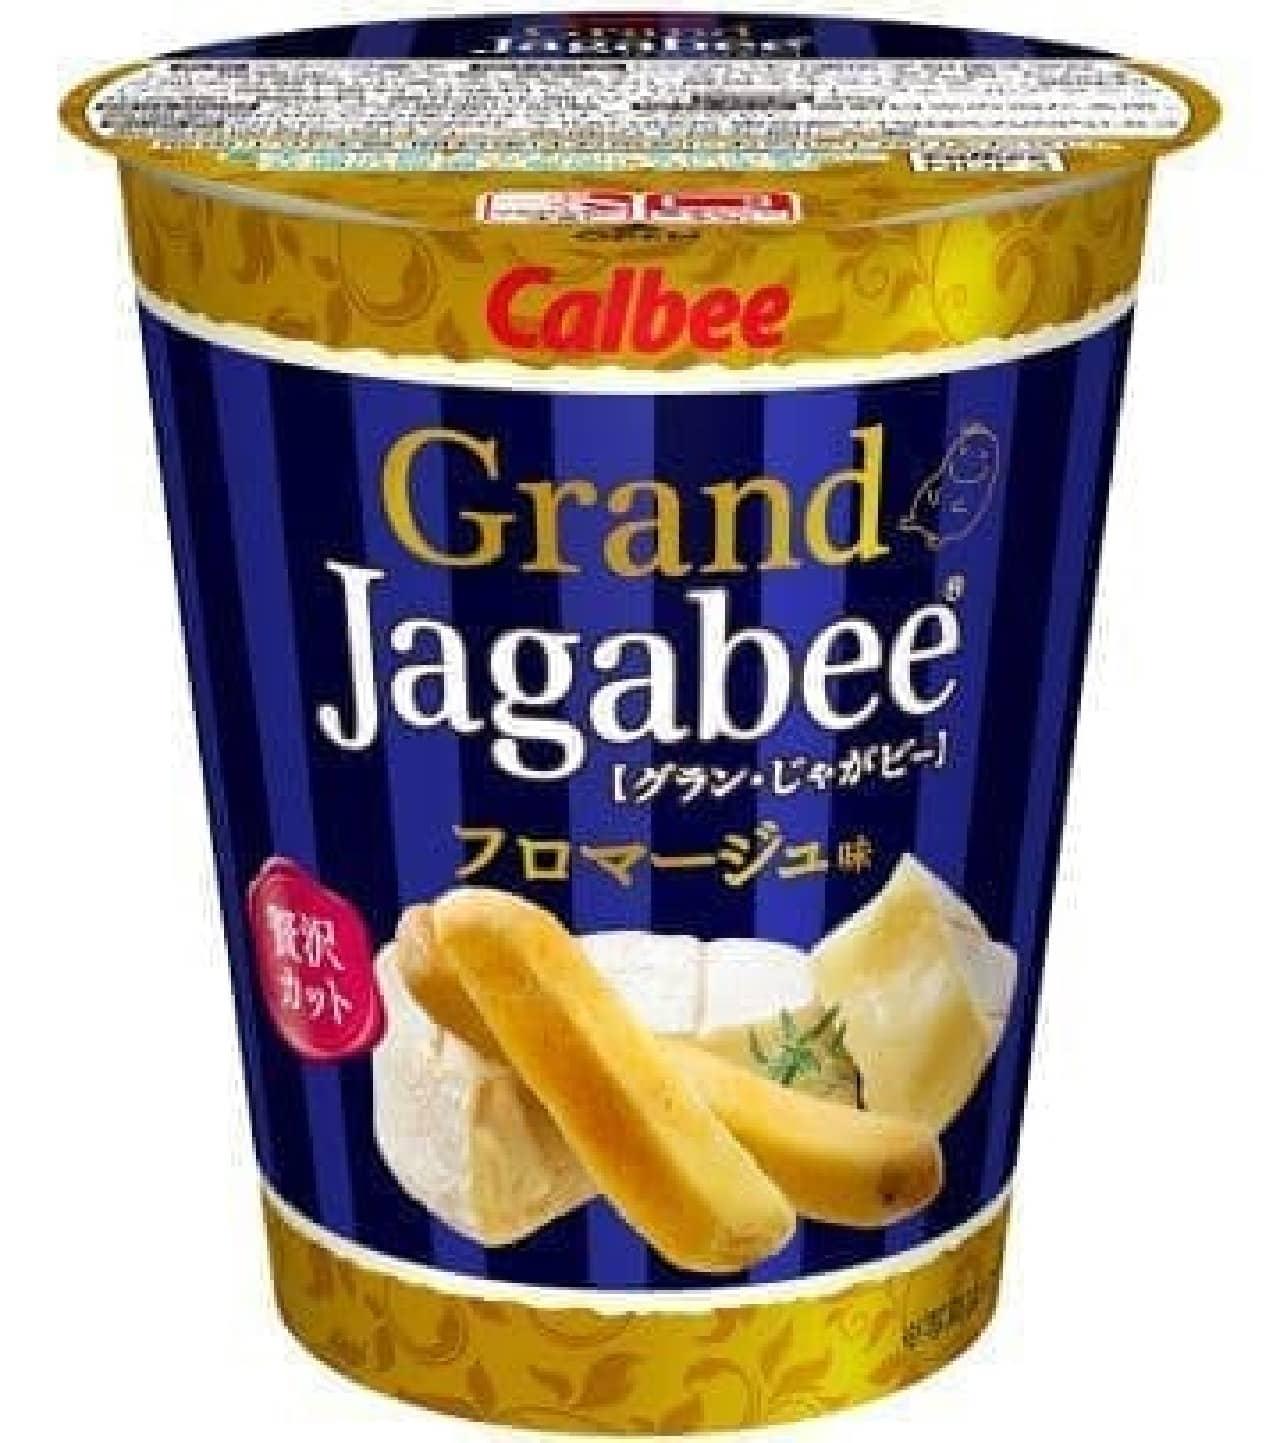 カルビー「Grand Jagabee(グラン・じゃがビー) フロマージュ味」